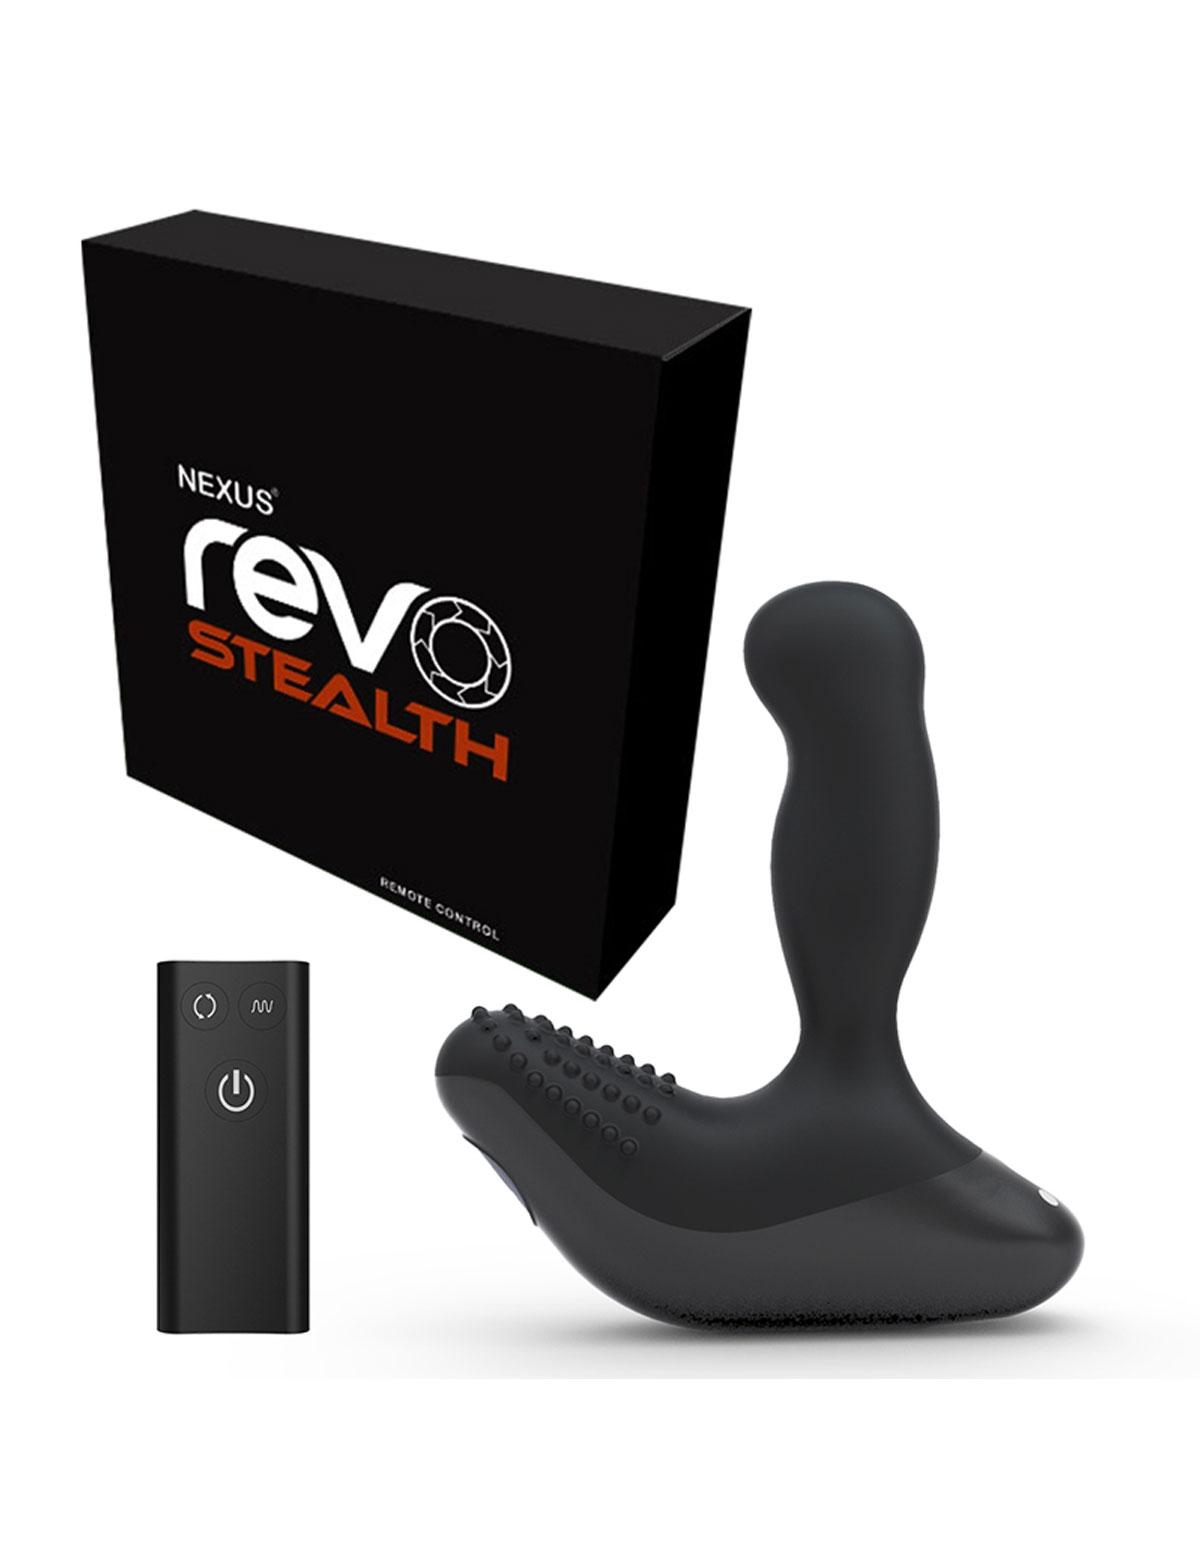 Nexus Revo Stealth Prostate Massager